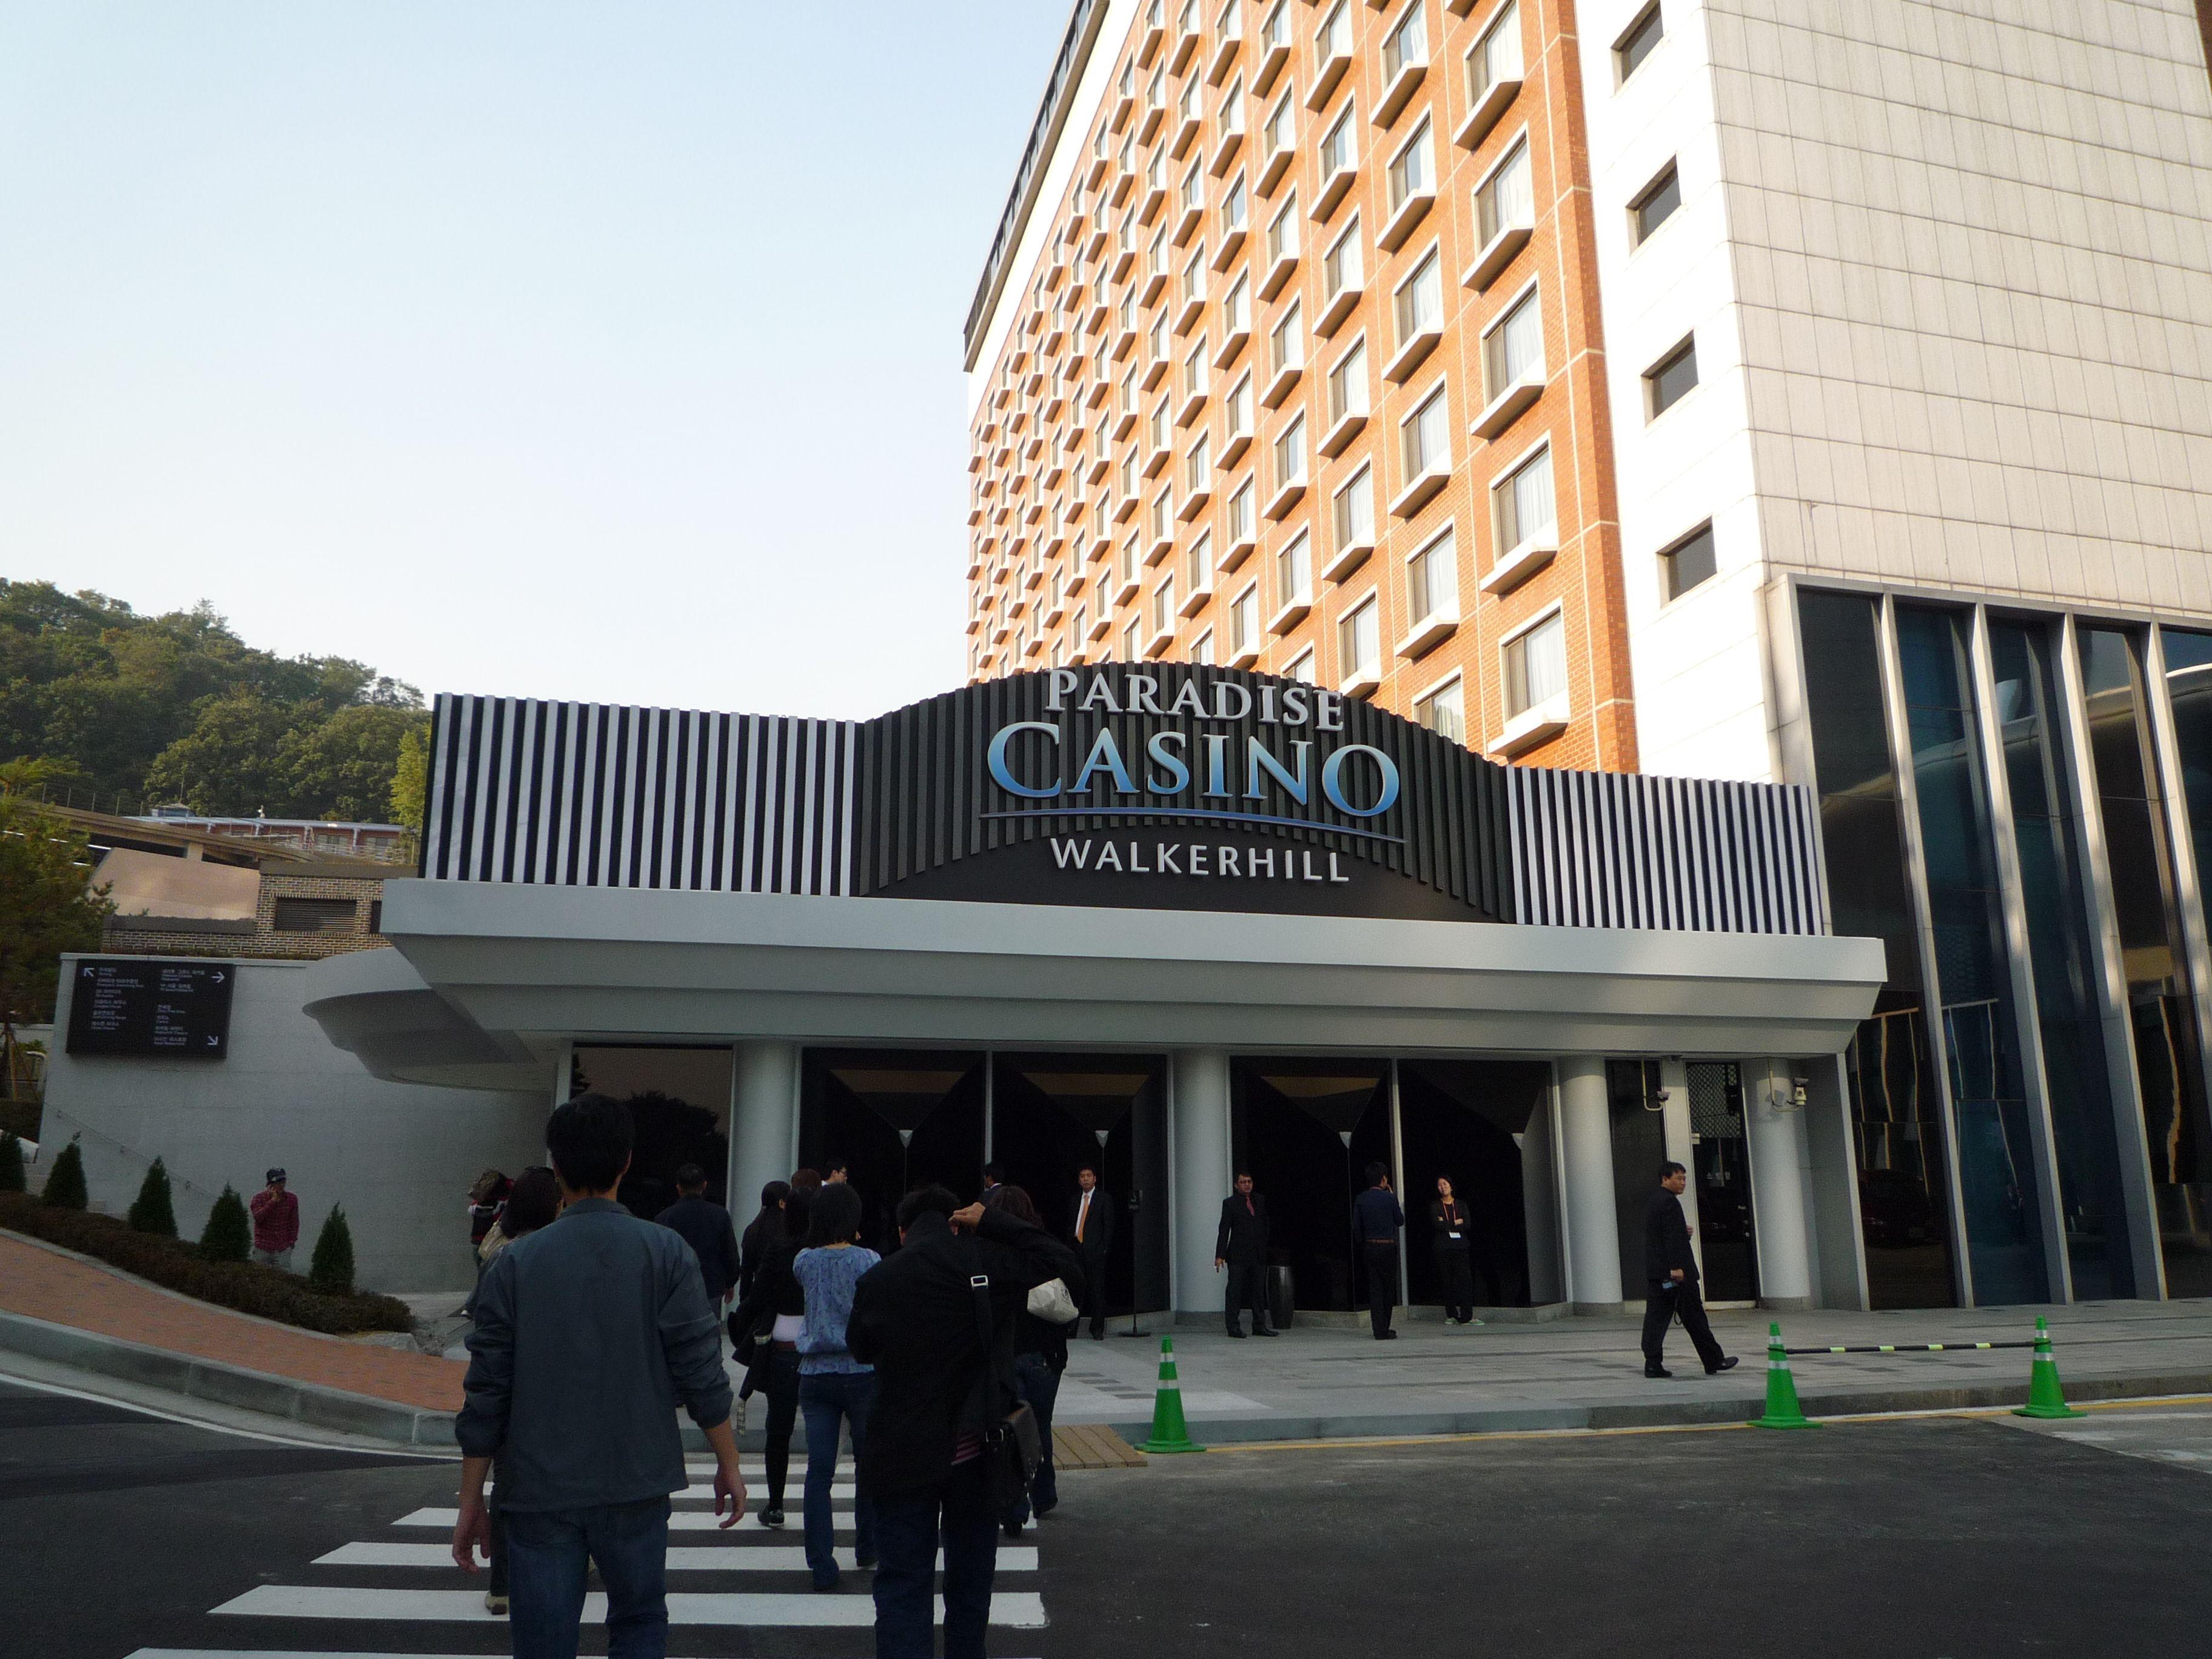 Seoul walker hill casino casino meadow prairie racetrack